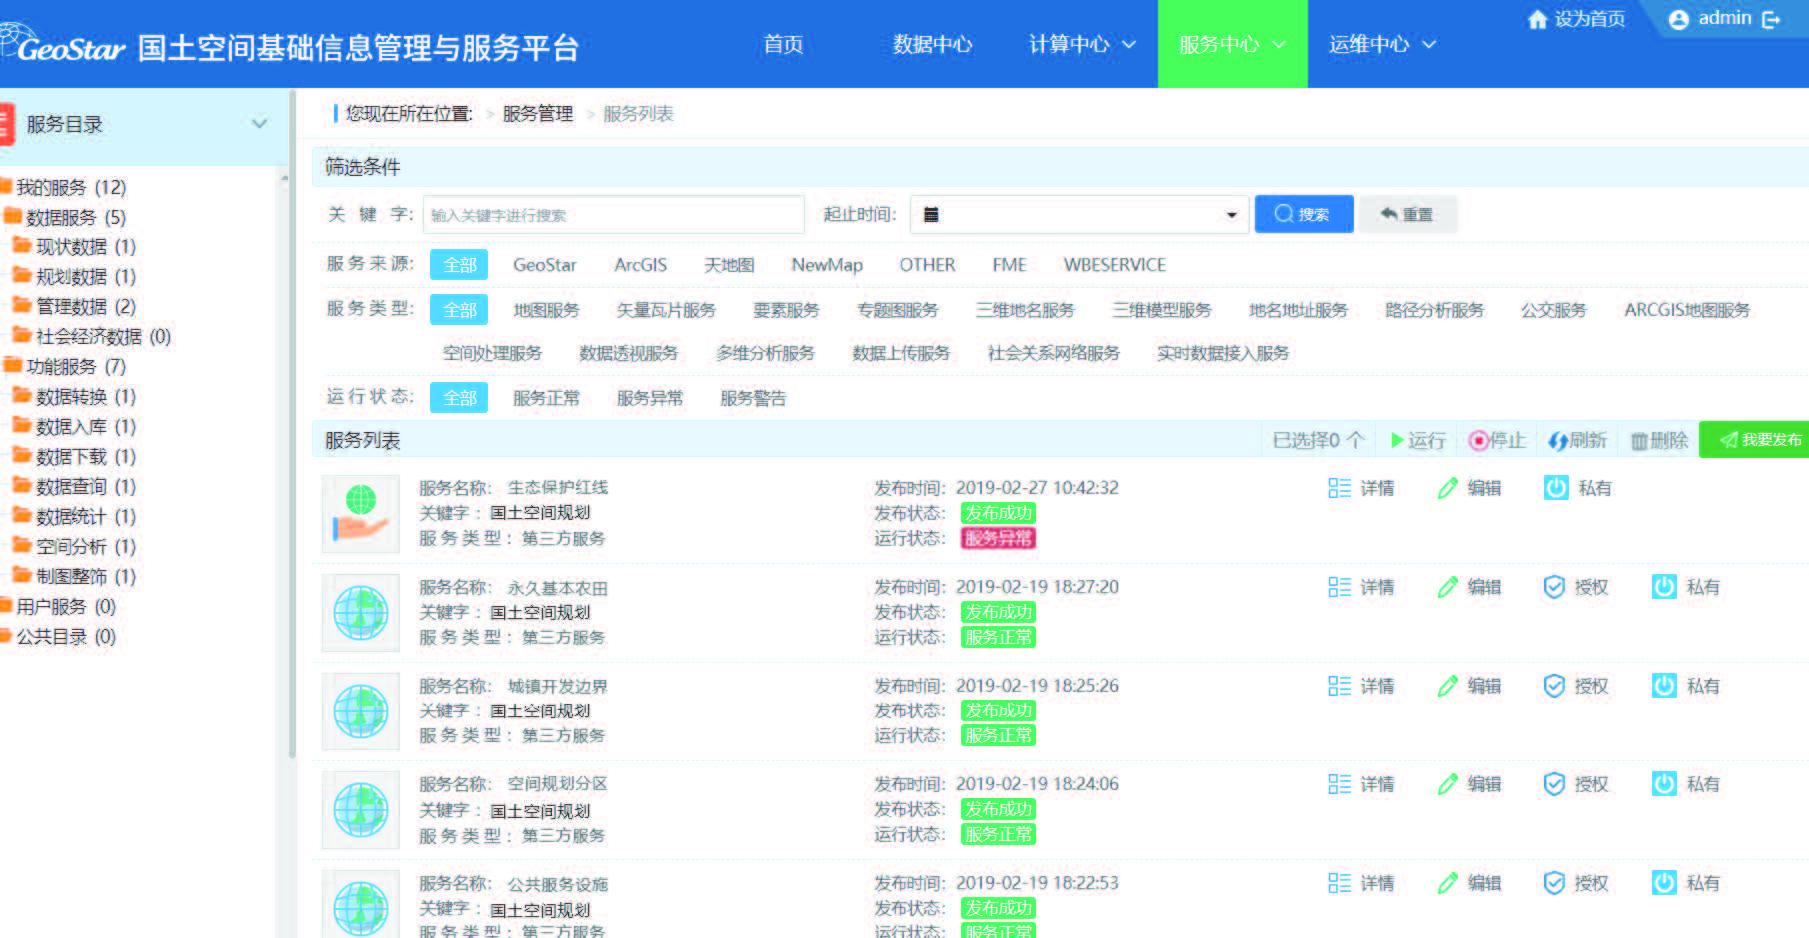 武大吉奧國土空間基礎信息平臺方案-網站版圖-2指標管理與模型管理-3